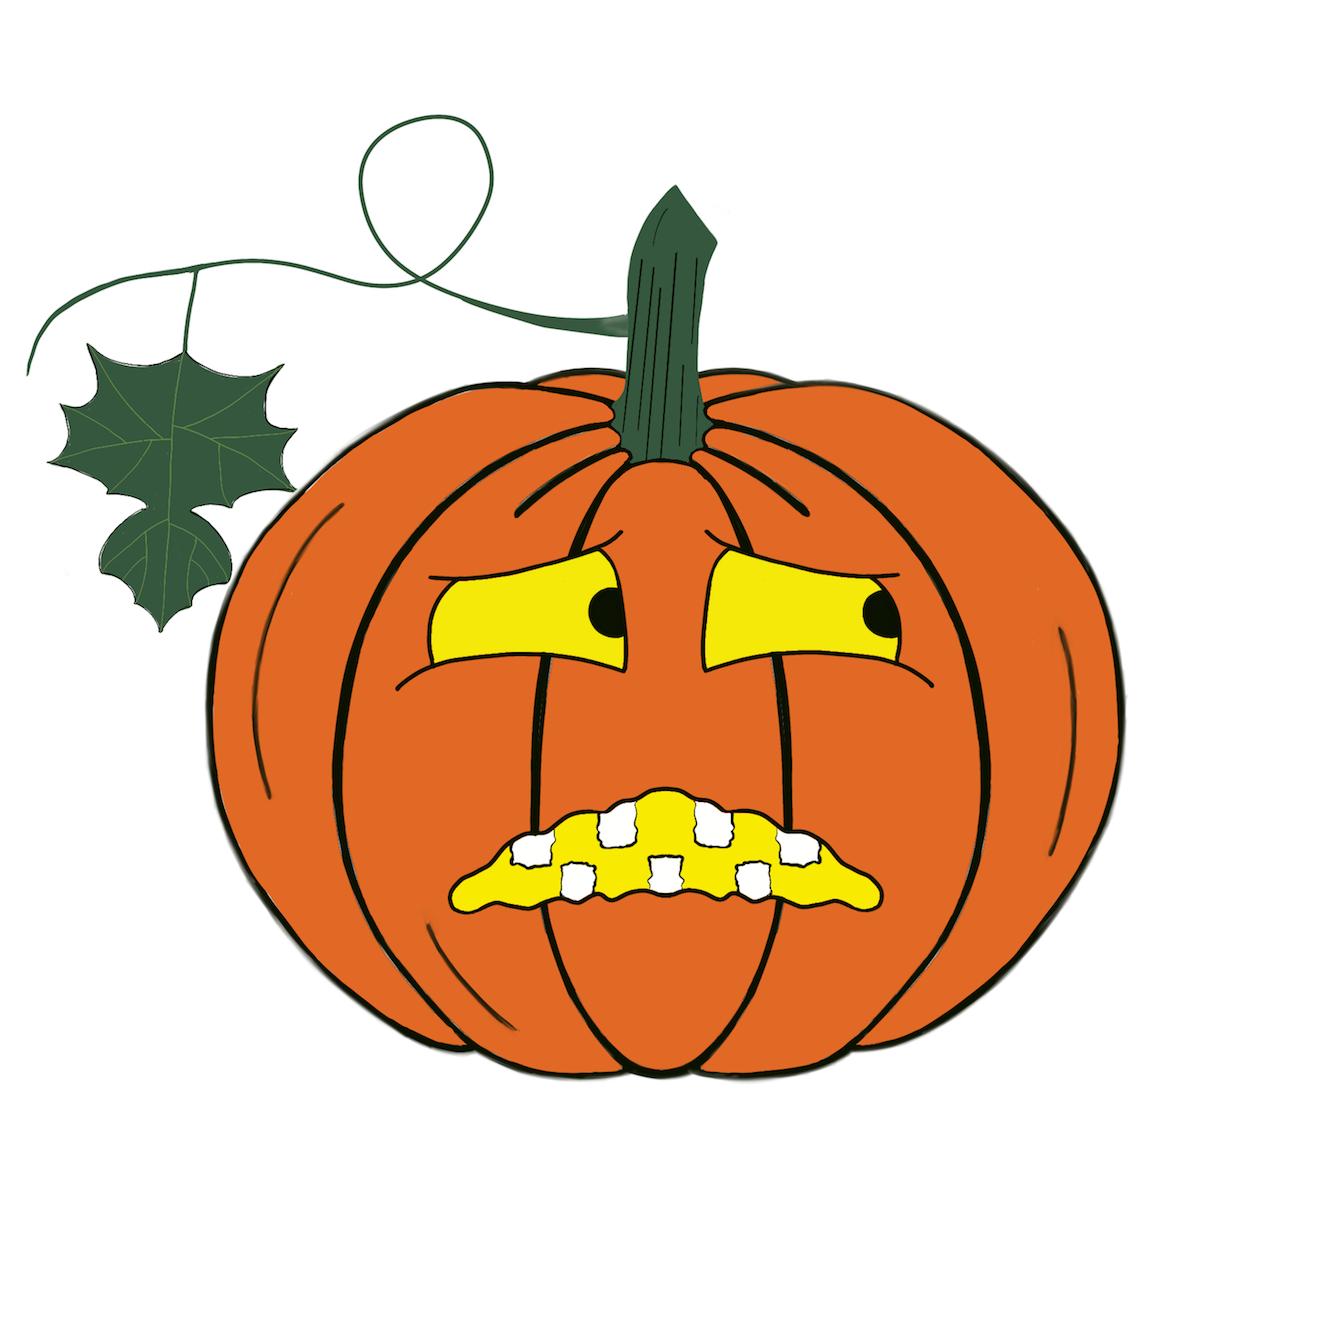 Pumpkin time stickers messages sticker-1